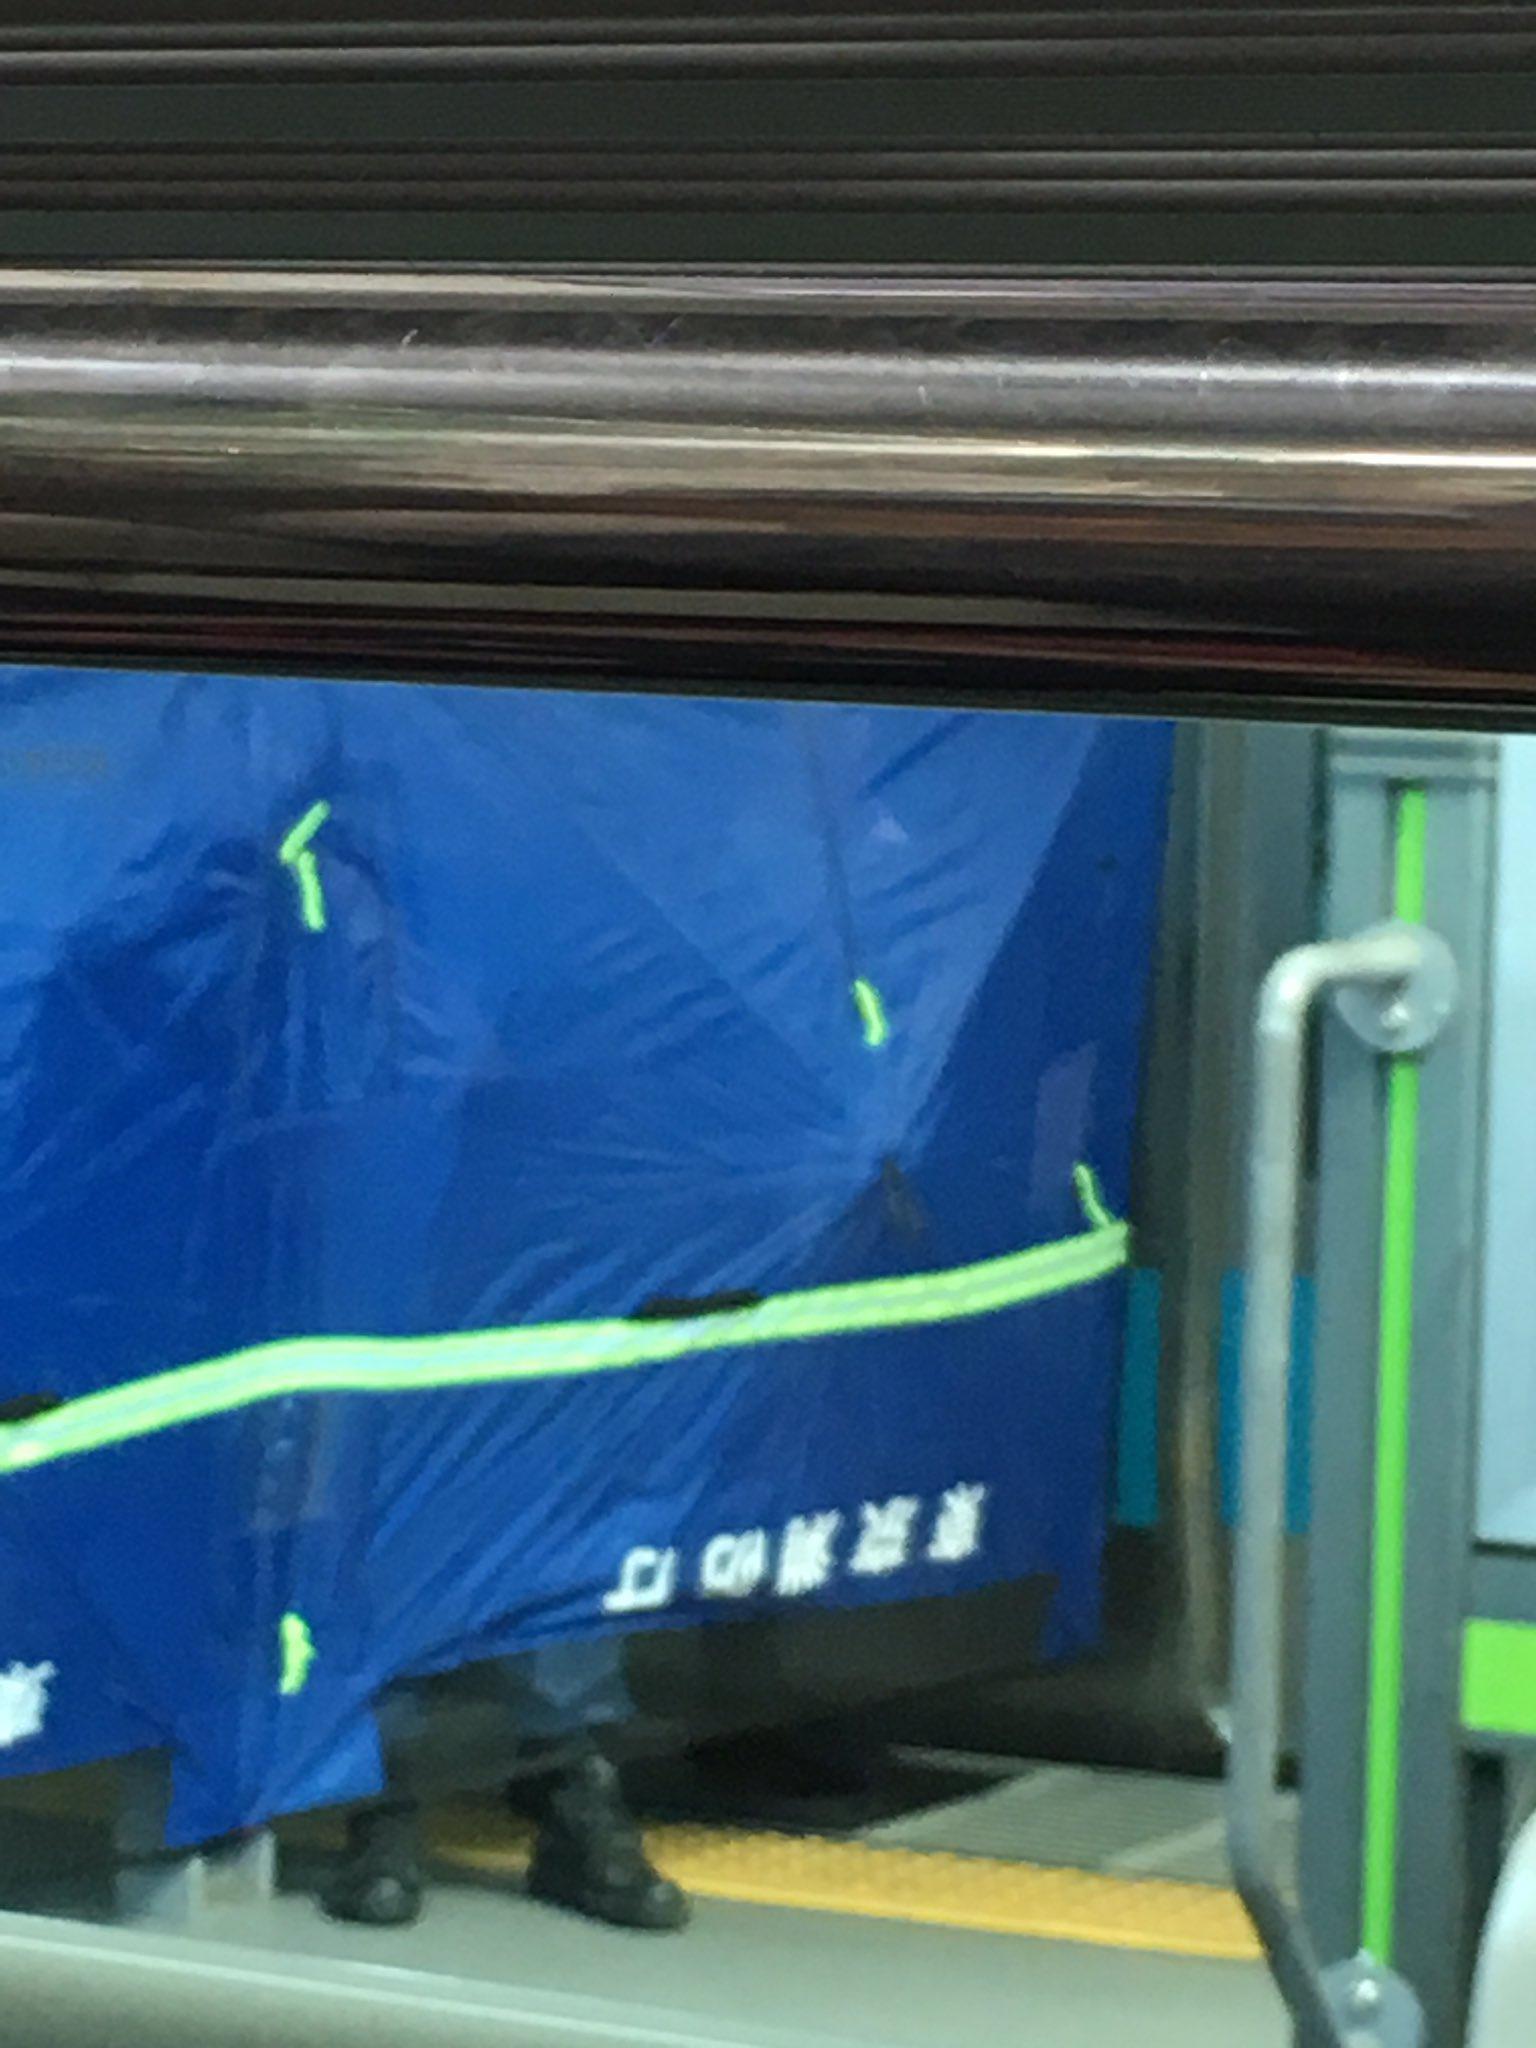 神田駅の人身事故でブルーシートで隠し救護活動している現場画像